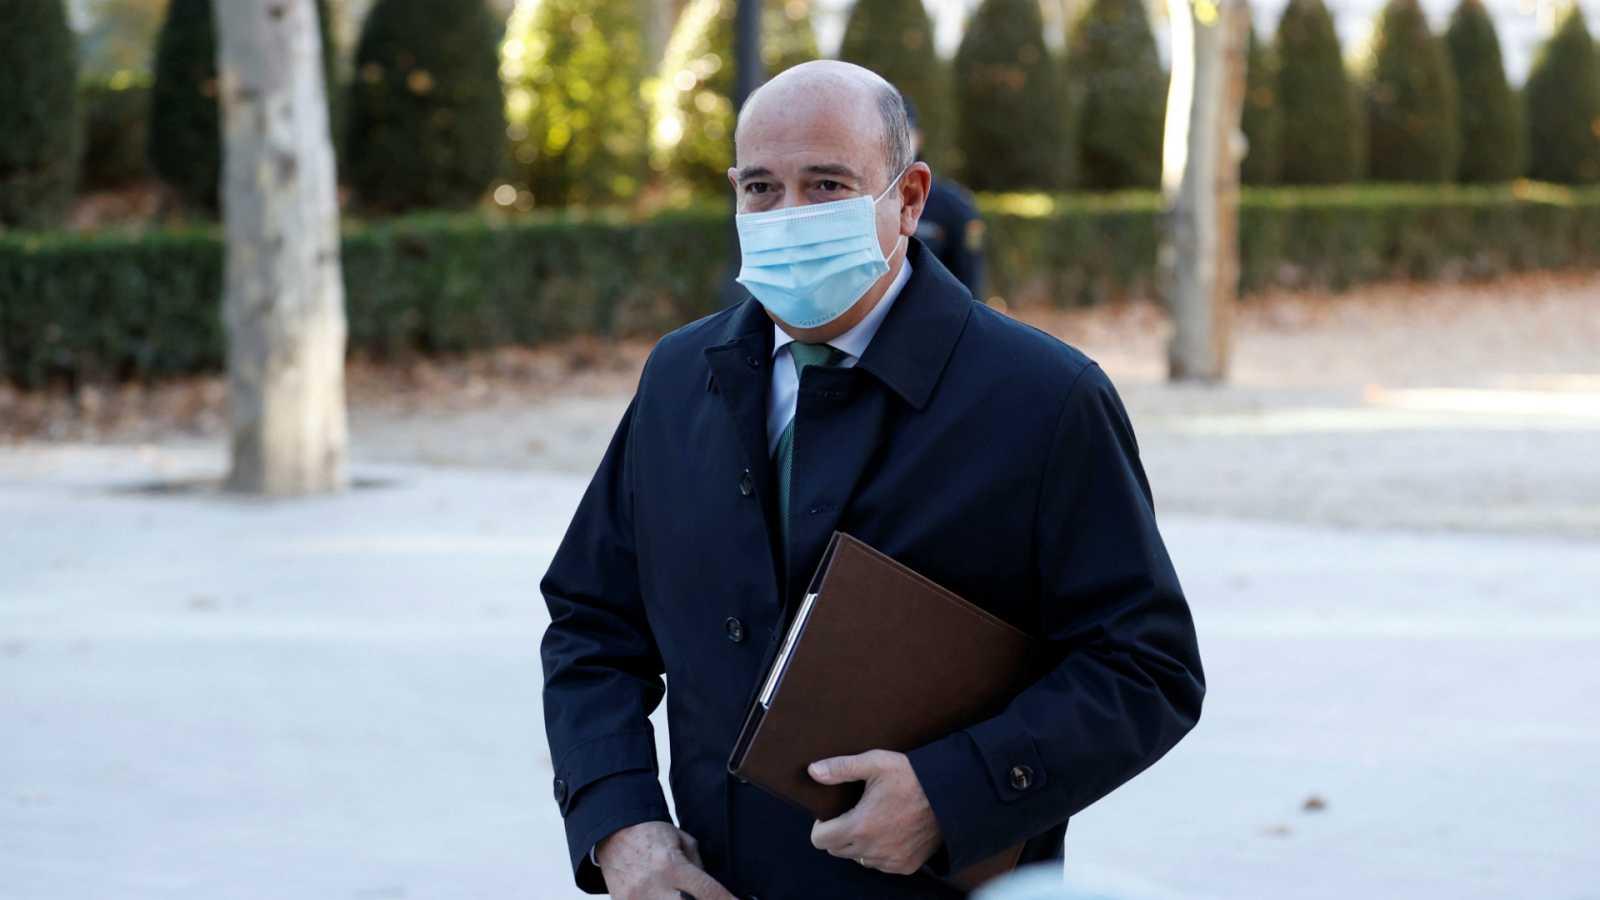 14 horas - Caso Kitchen: Pérez de los Cobos dice que no sabía que se usaban fondos reservados para espiar a Bárcenas - Escuchar ahora